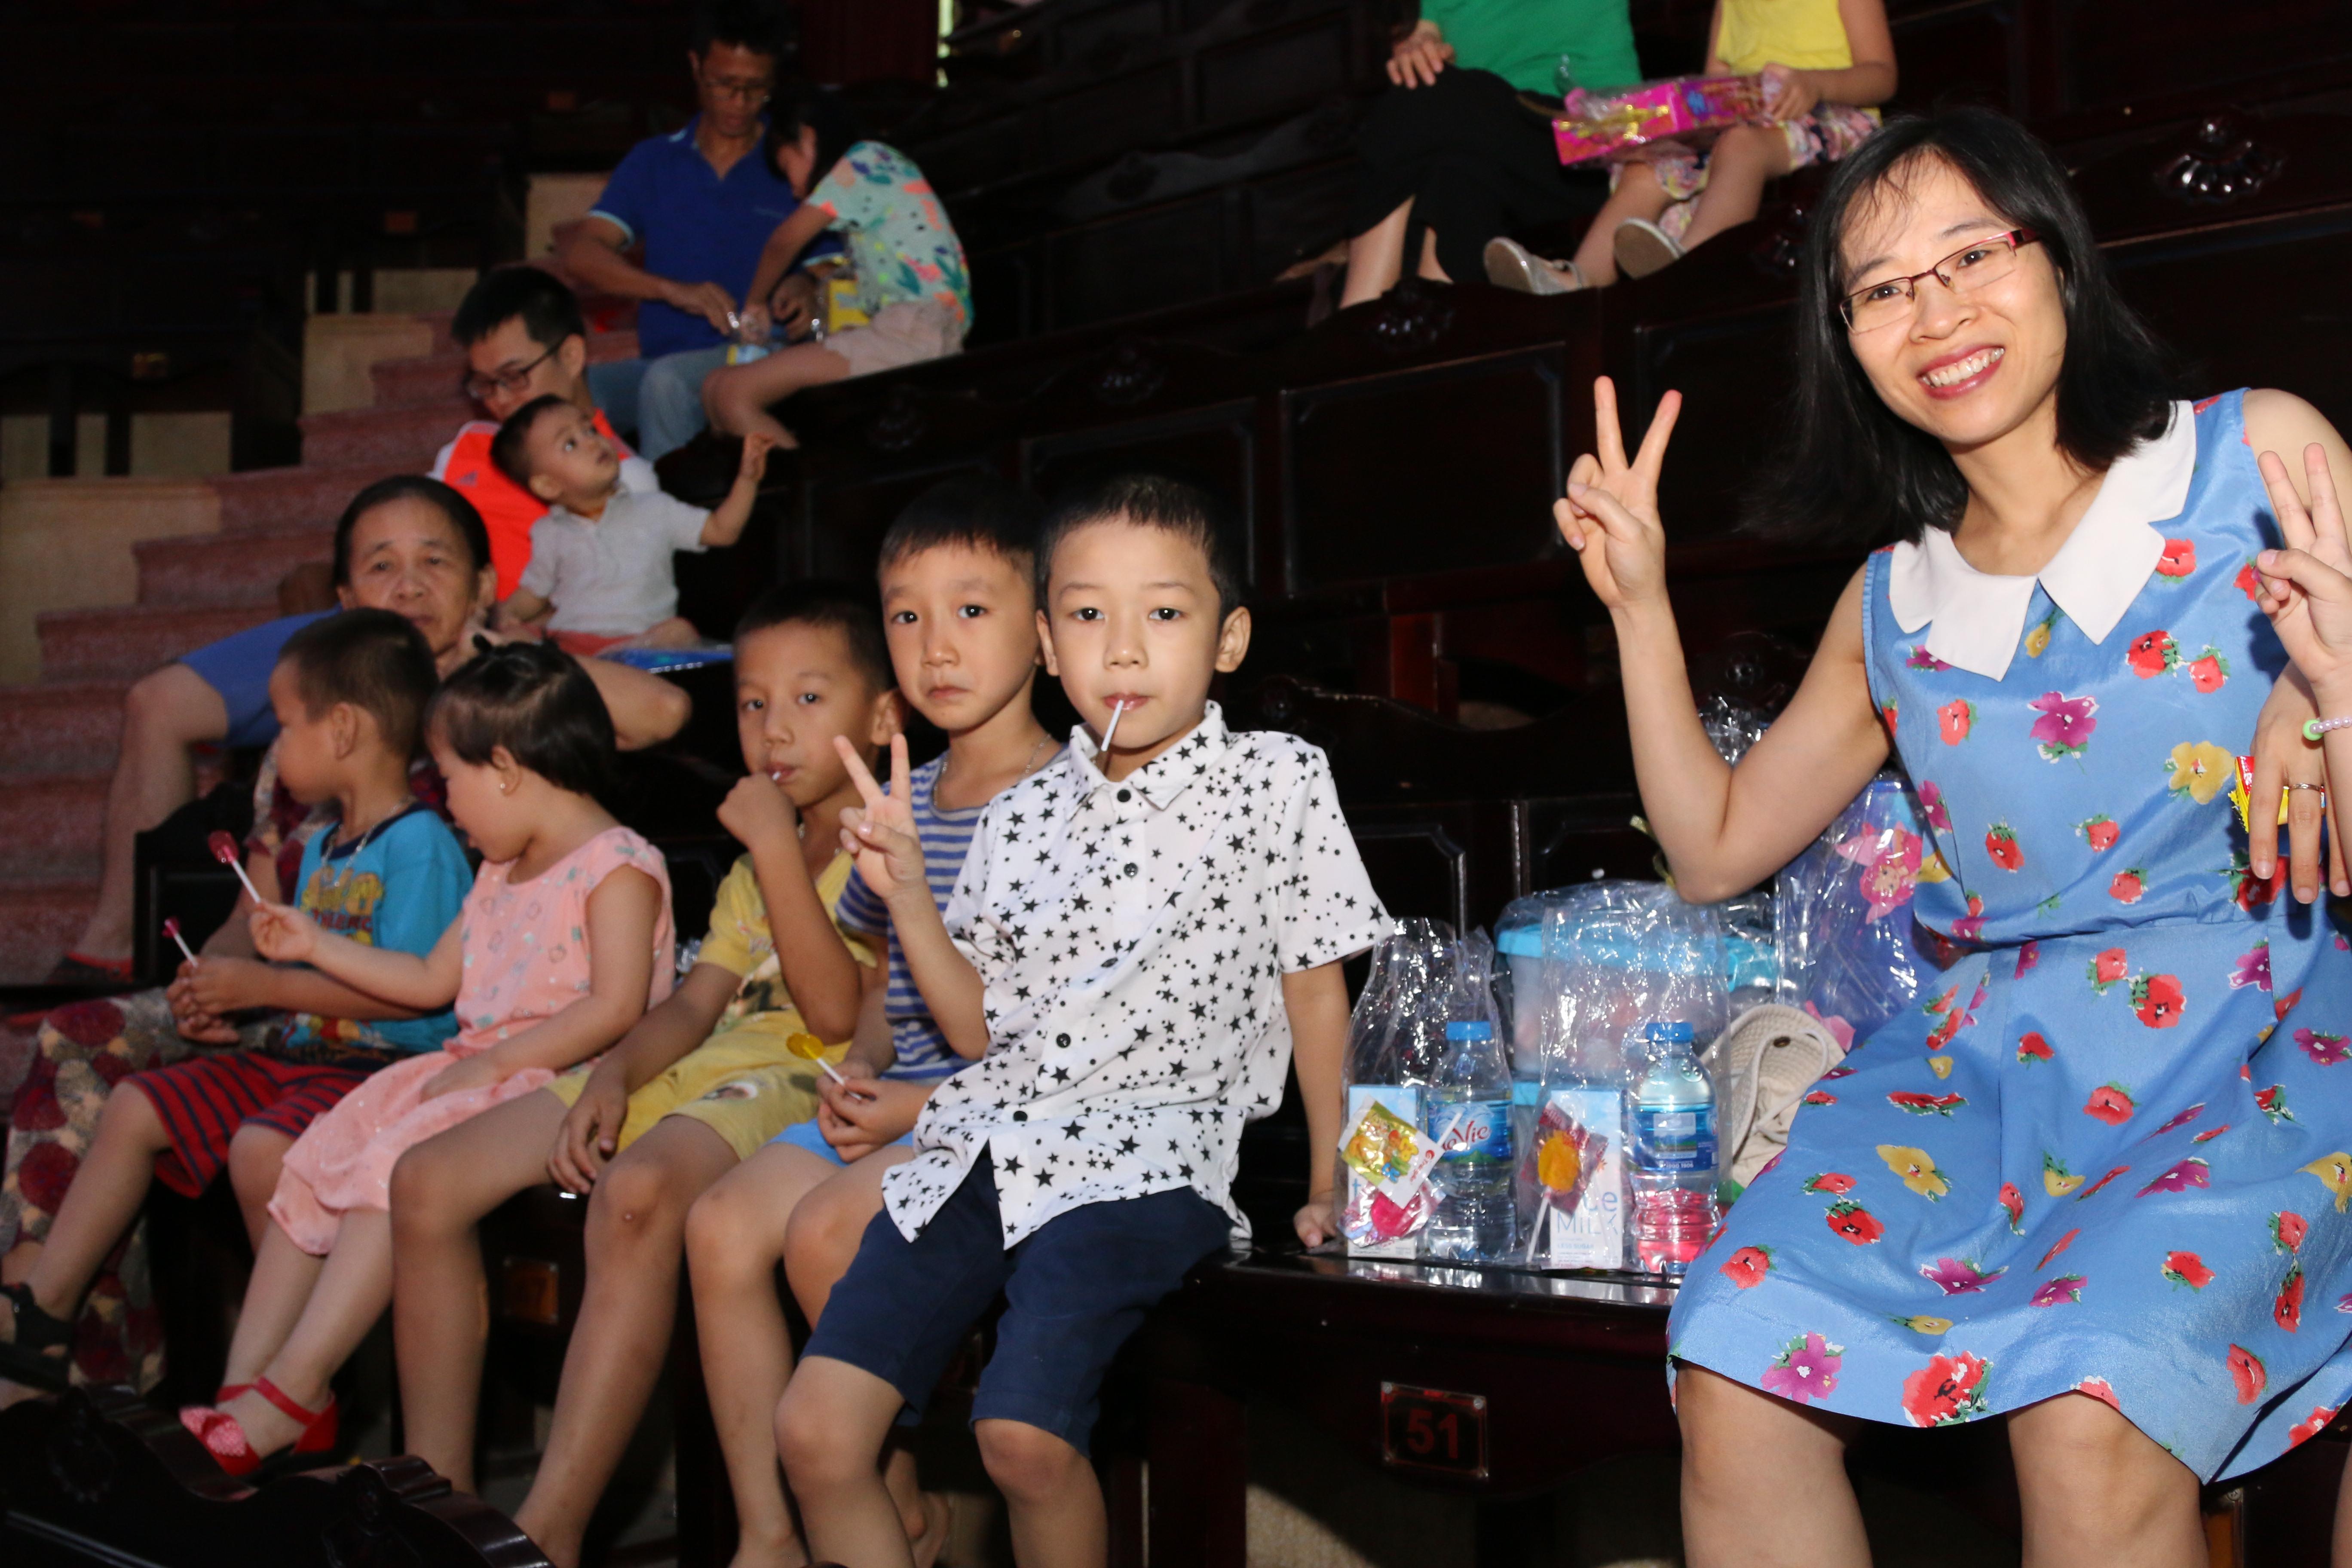 Theo BTC, hoạt động diễn ra dịp Quốc tế Thiếu nhi năm nay giúp các bé giải trí, thư giãn sau một năm học căng thẳng, kích thích trí tưởng tượng, sáng tạo của các bé và vun đắp tình yêu của các bé với thế giới xung quanh.